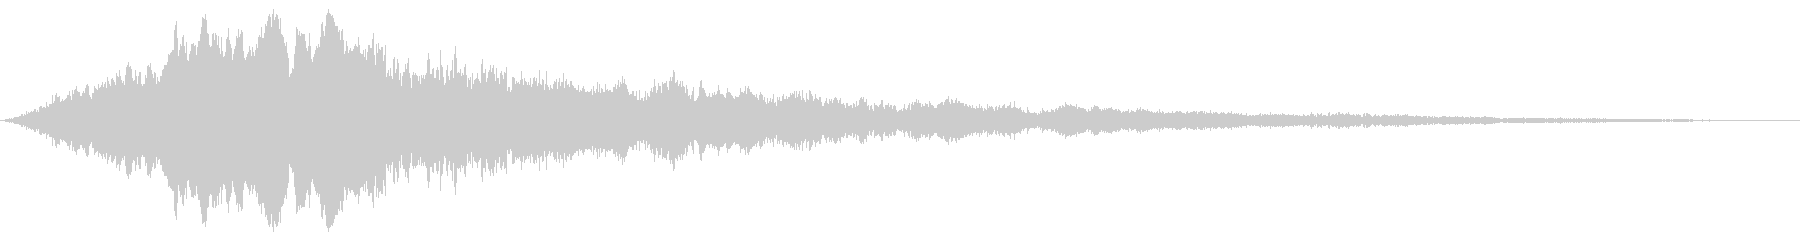 プルオーバーサイレンの未再生の波形